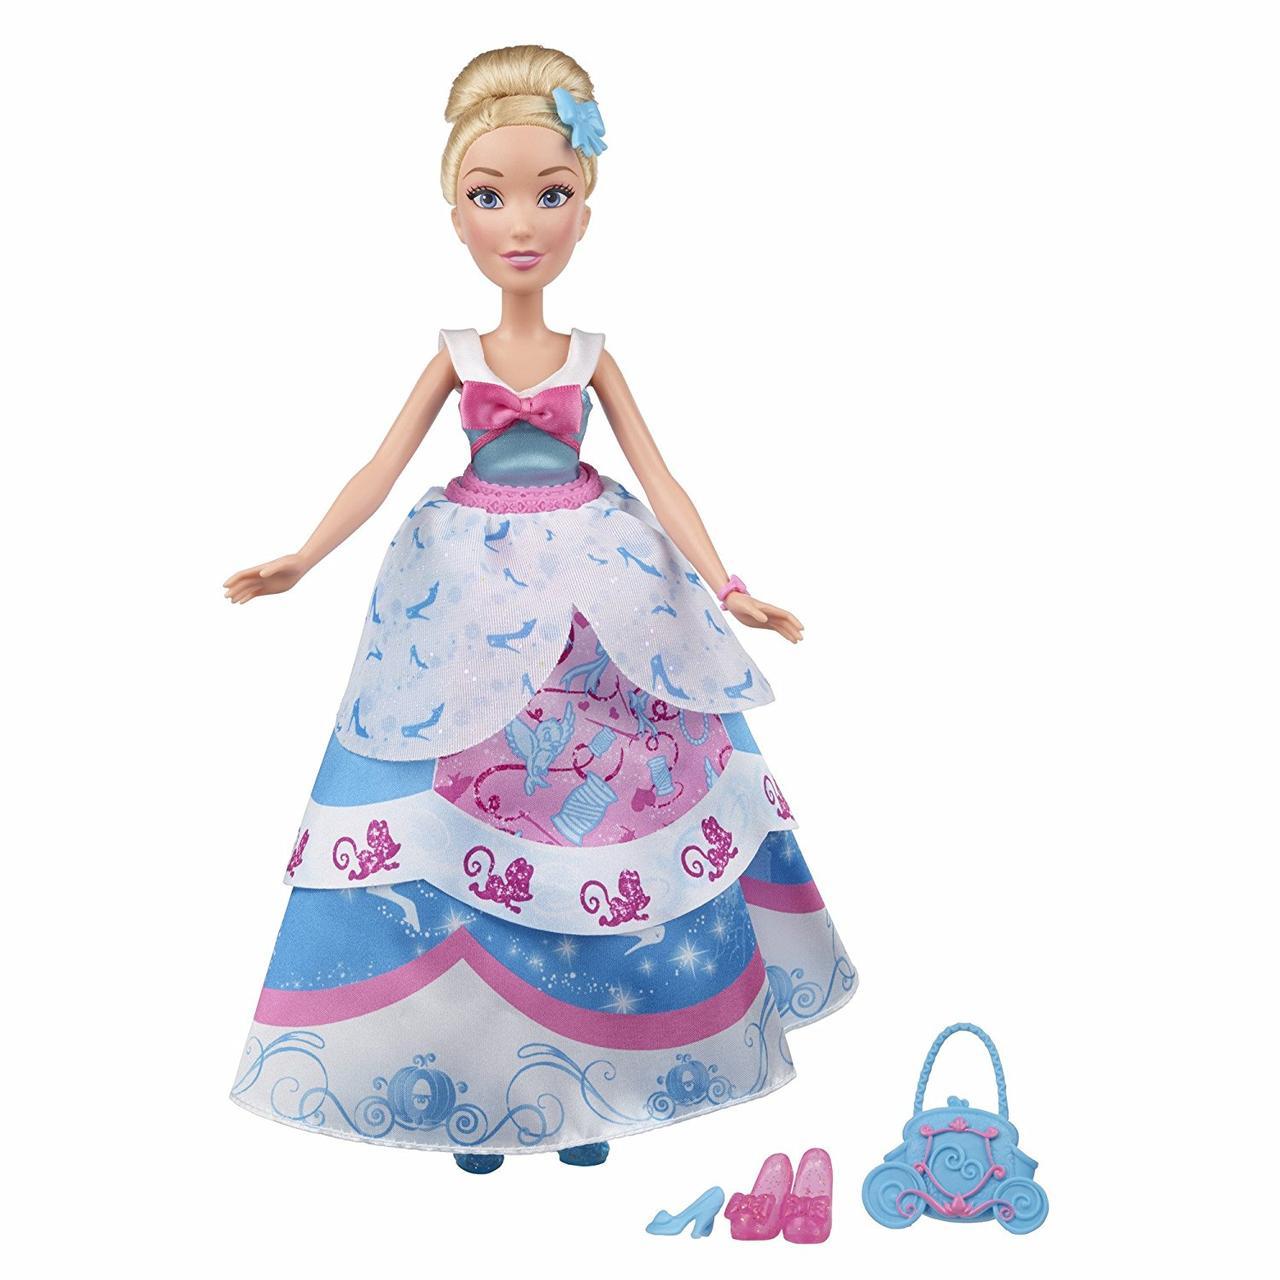 Кукла Золушка принцесса с красивыми нарядами Дисней Disney Princess Layer 'n Style Cinderella Hasbro